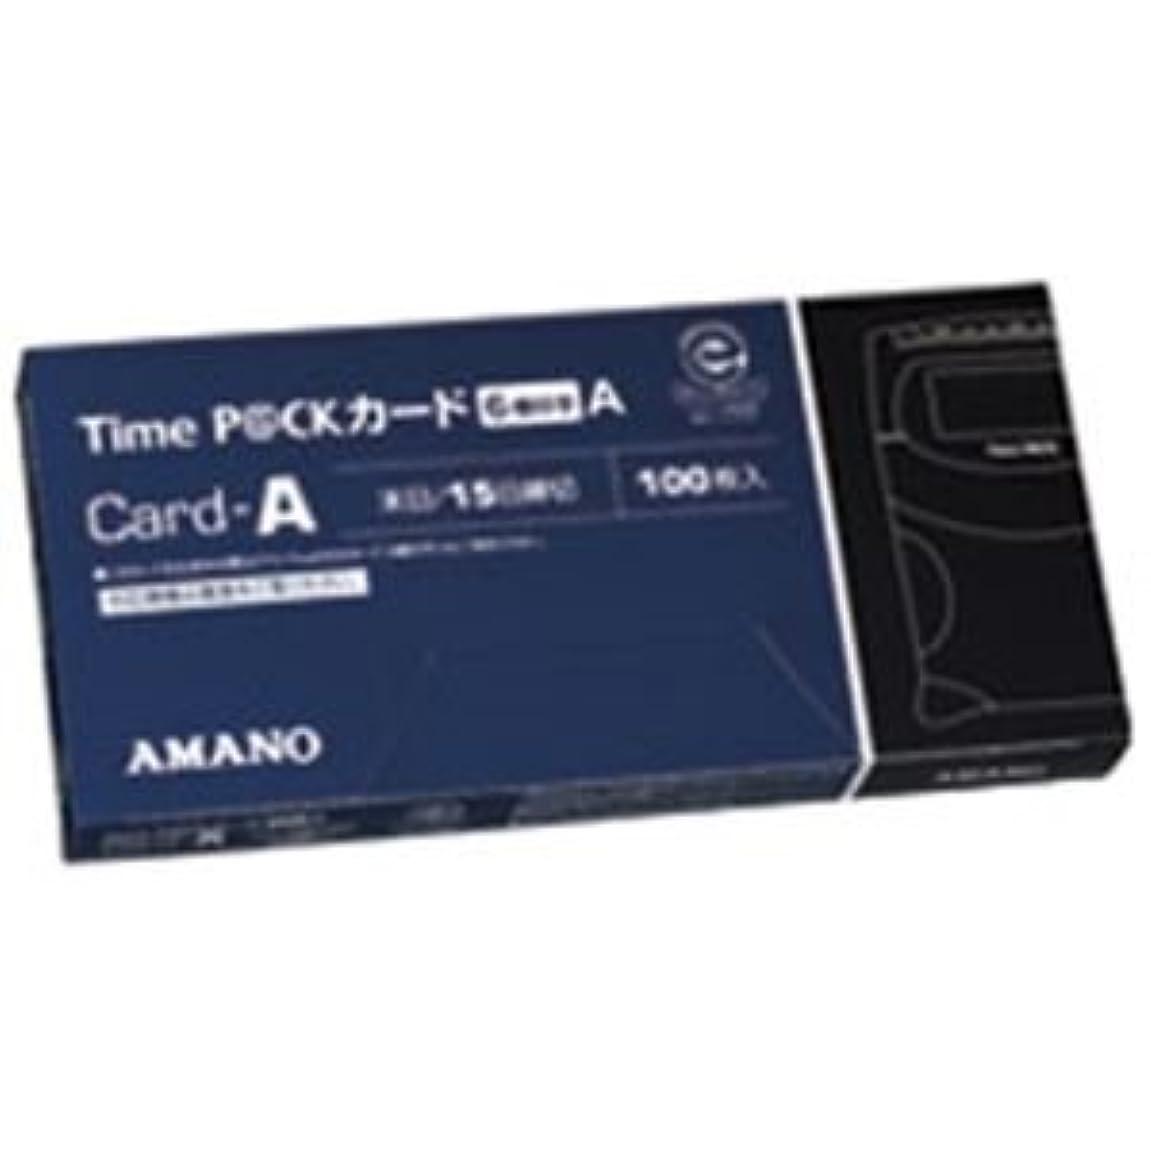 スキャンダル行くノベルティ(業務用2セット)アマノ タイムパックカード(6欄印字)A ds-1464401